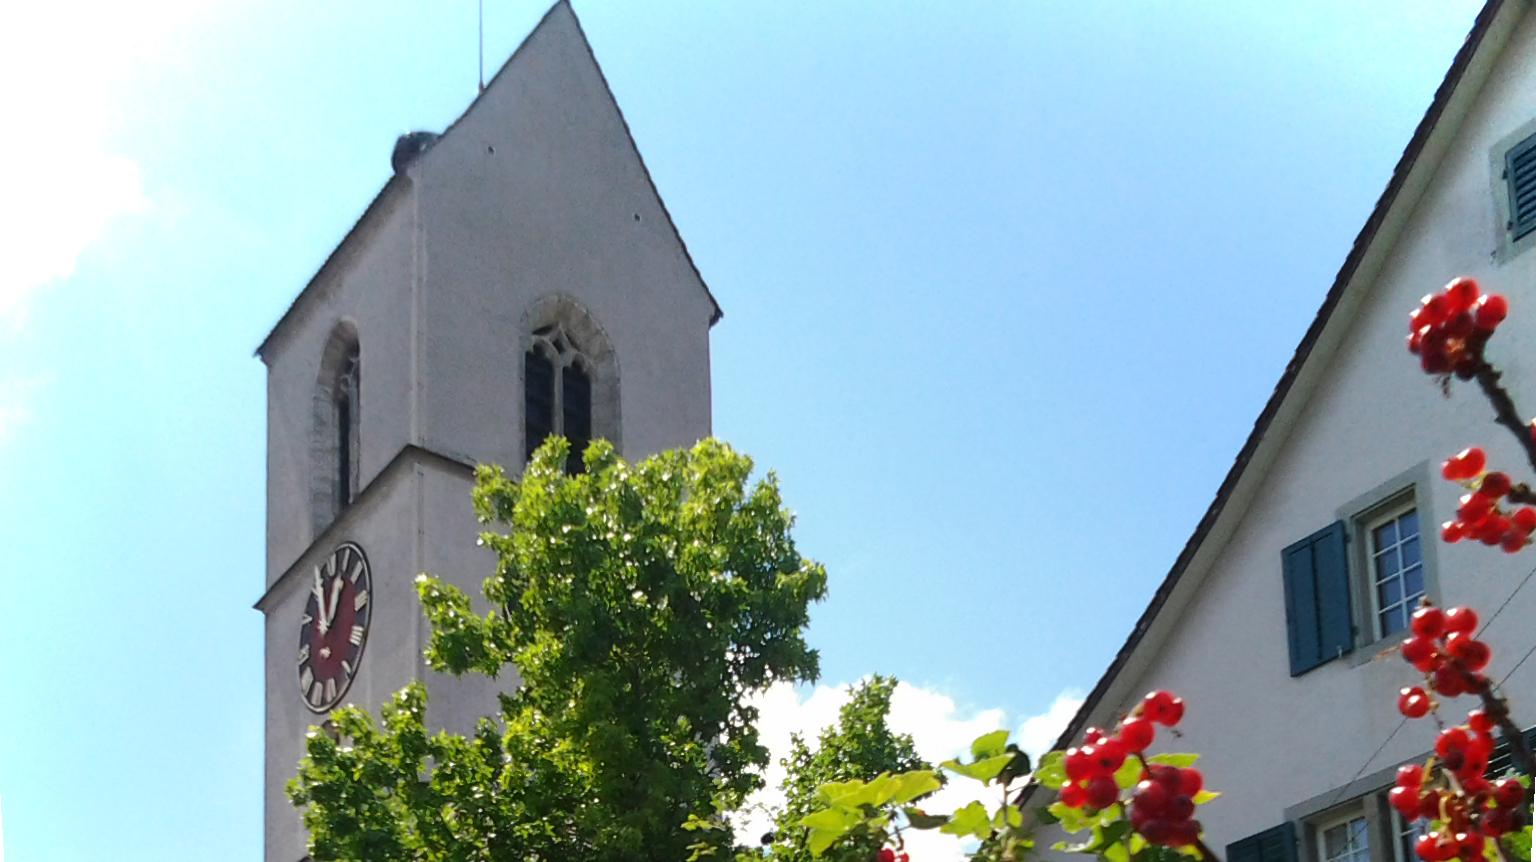 140615_KirchturmMitJohannisbeeren2